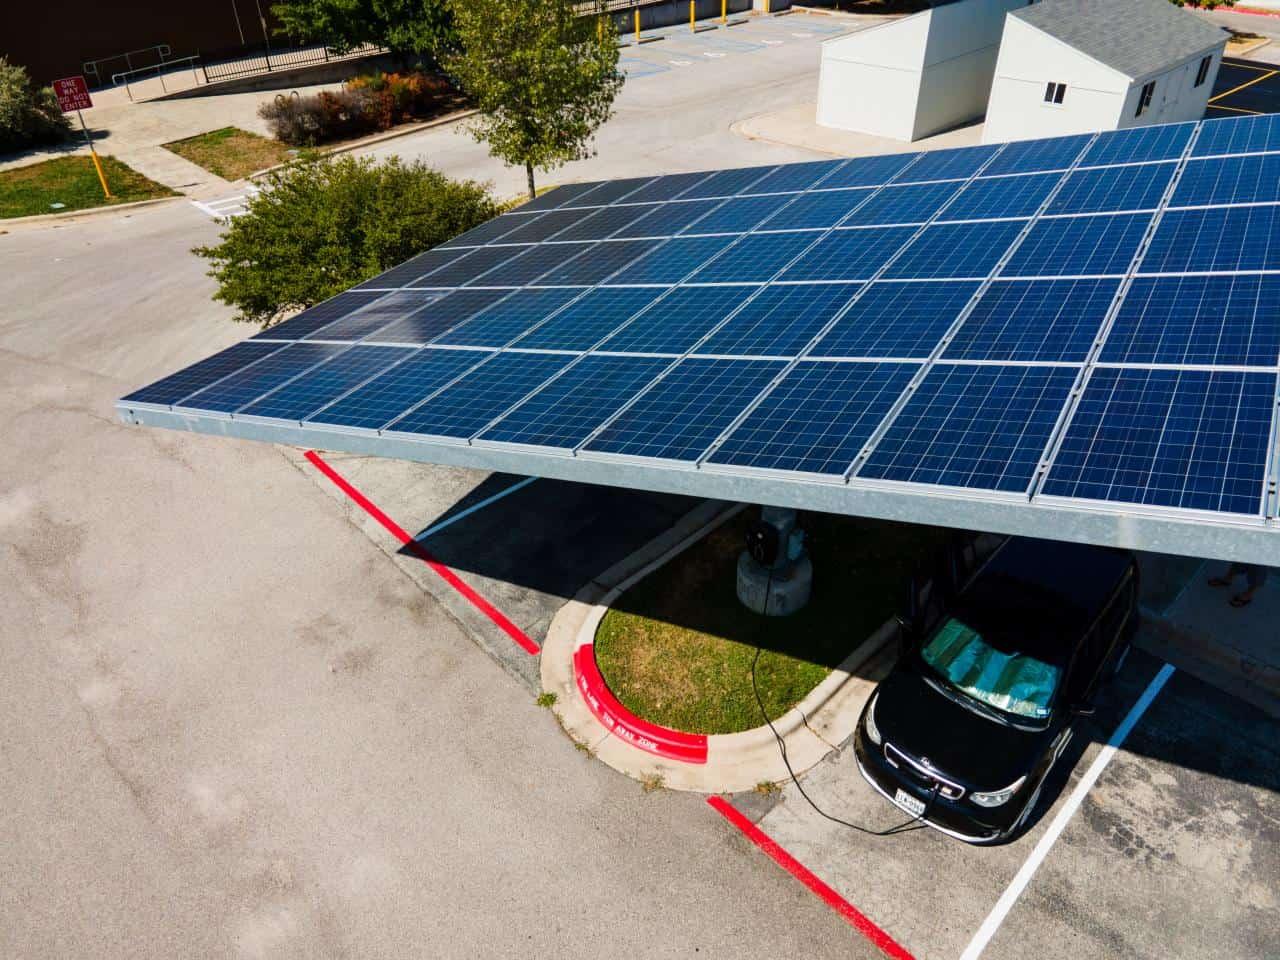 gridX hilft selbst erzeugten Solarstrom zu laden statt mit Verlust zu verkaufen